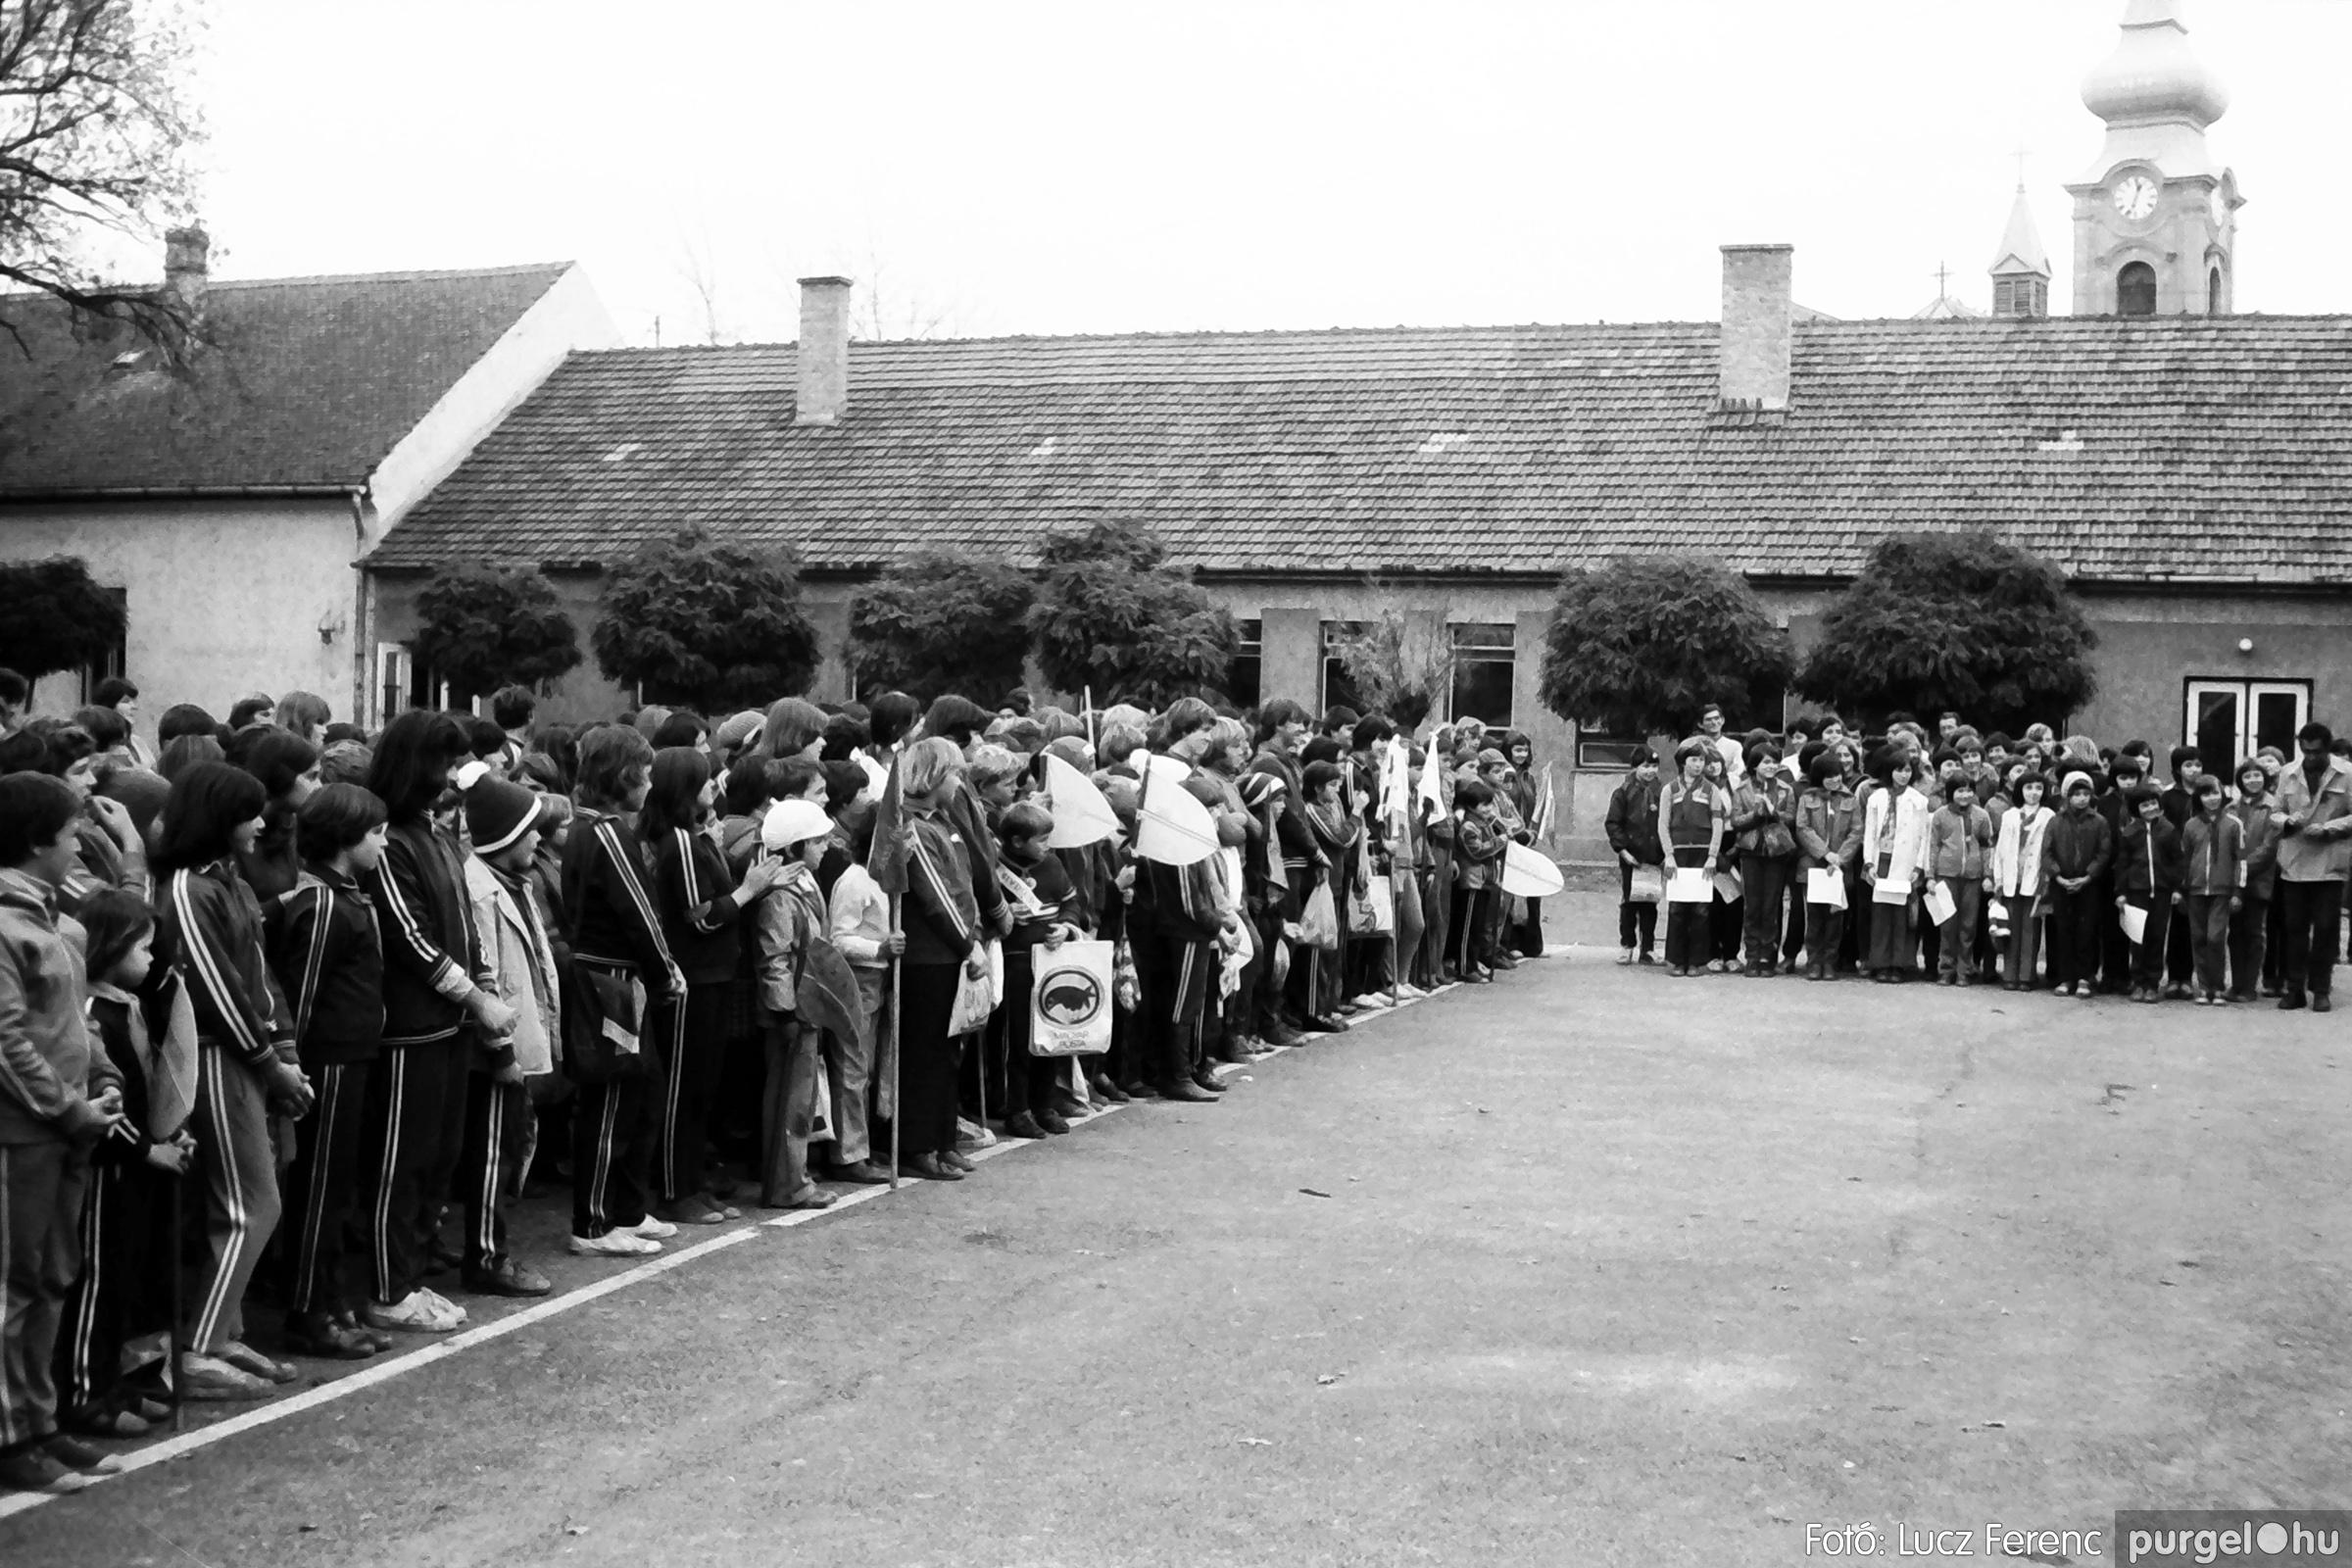 092. 1977. Úttörő rendezvény a Központi Általános Iskolában 030. - Fotó: Lucz Ferenc.jpg